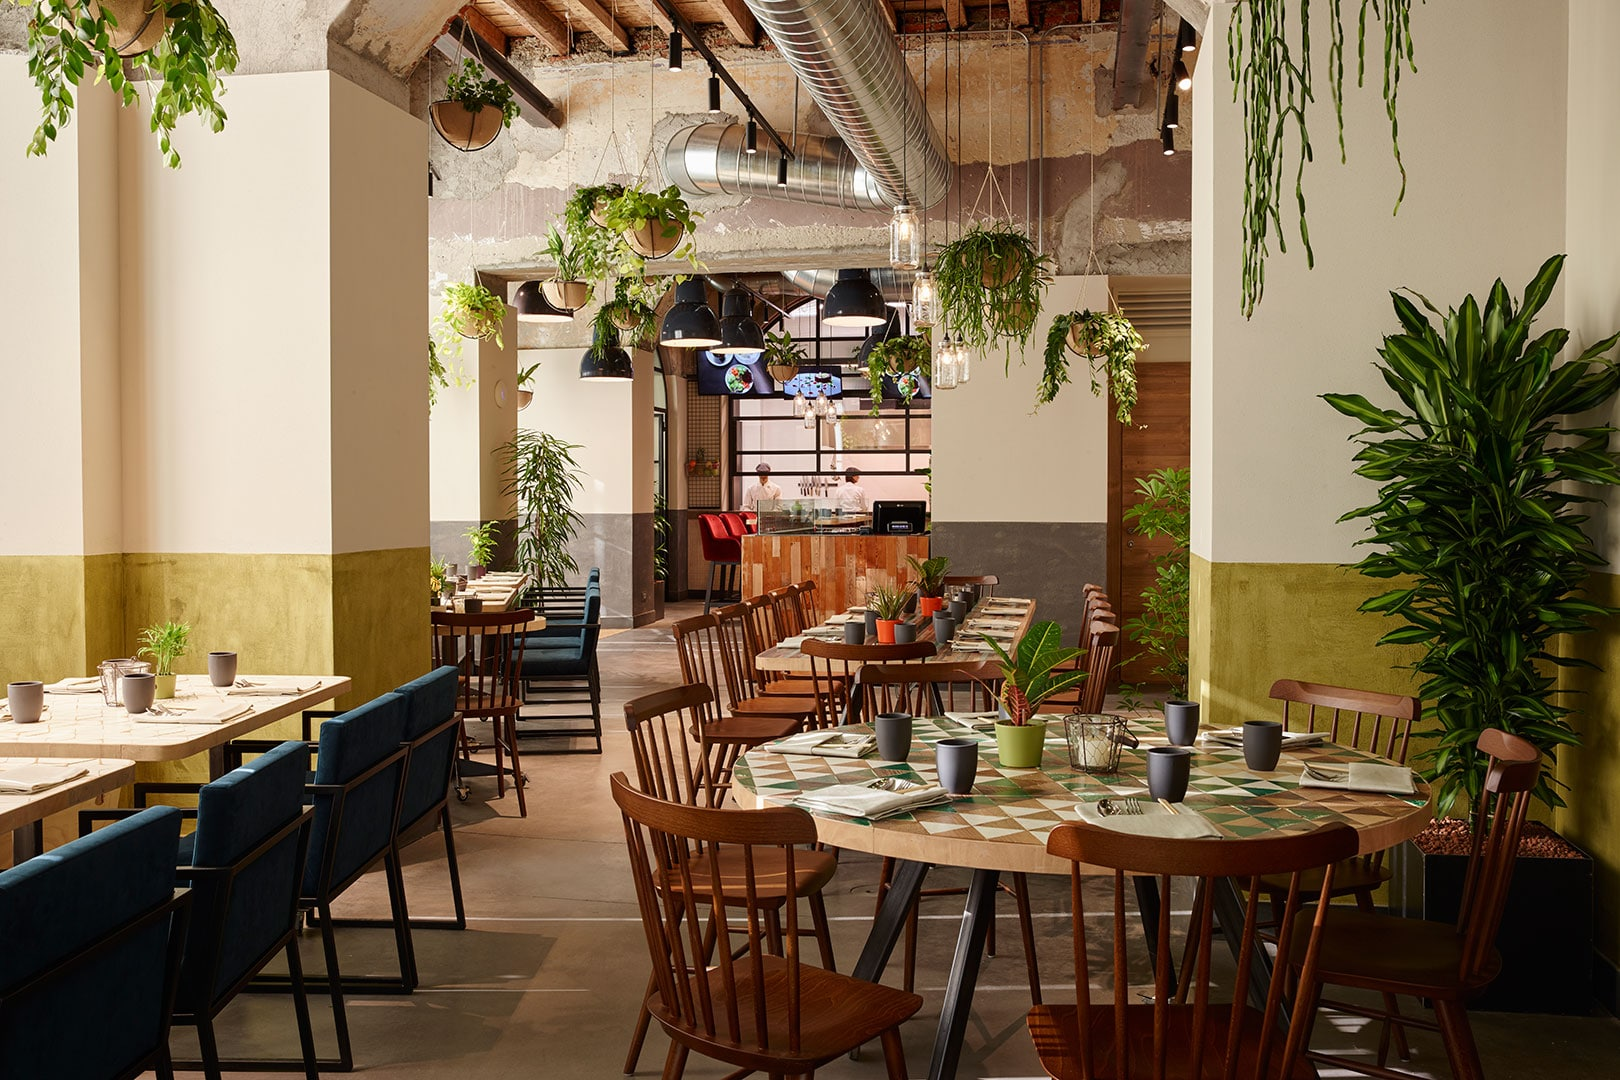 Arredamento per ristoranti idee di design e nuove for Arredamento ristorante fallimenti